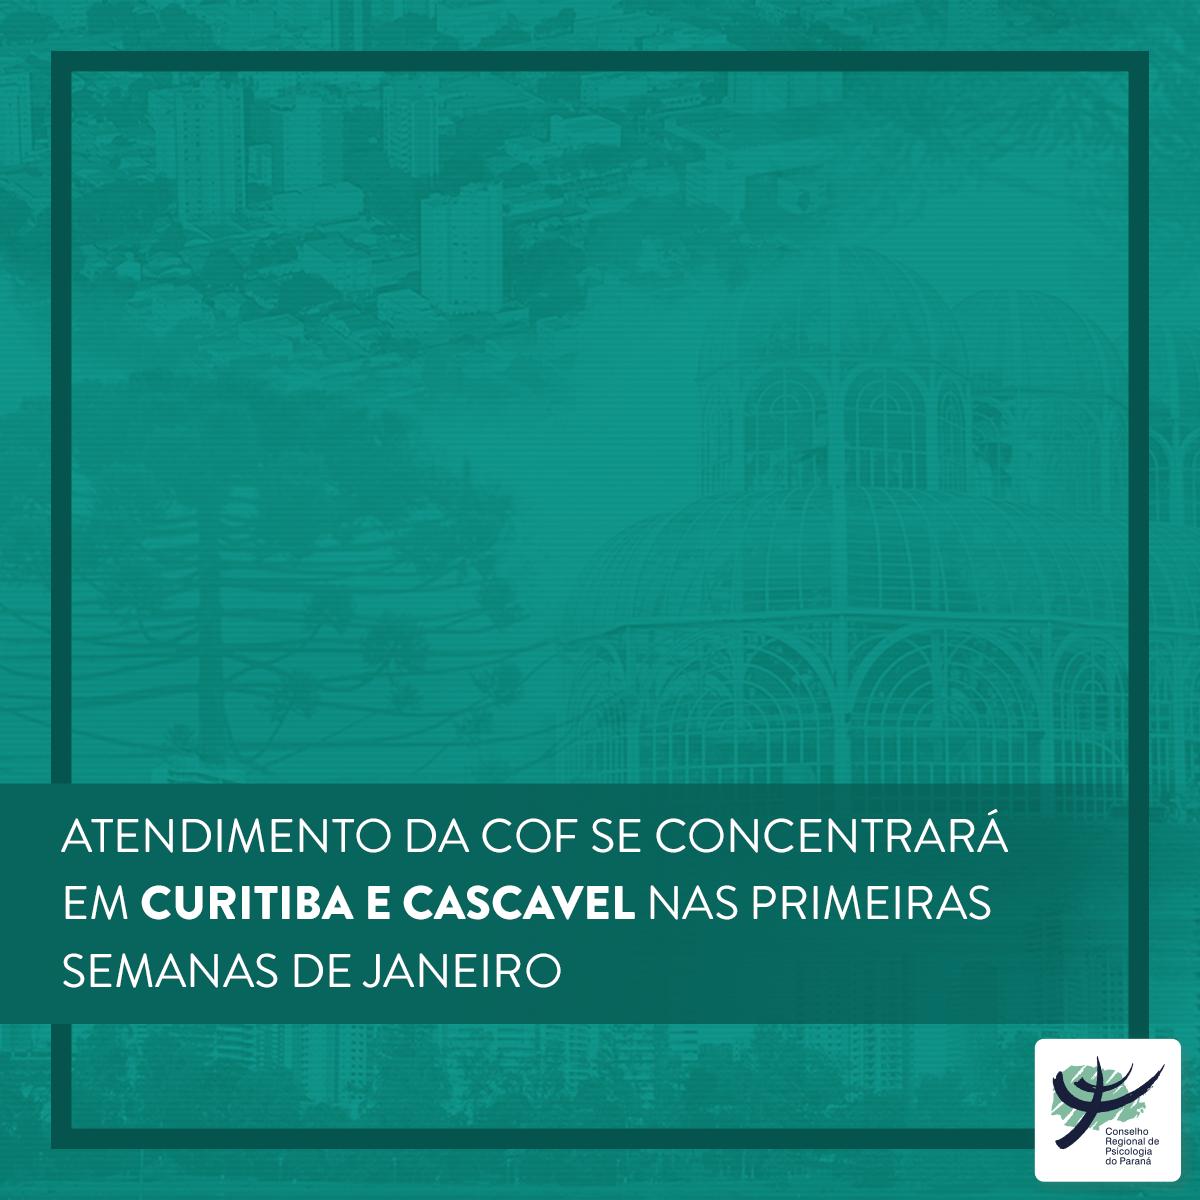 Atendimento da COF se concentrará em Curitiba e Cascavel nas primeiras semanas de janeiro